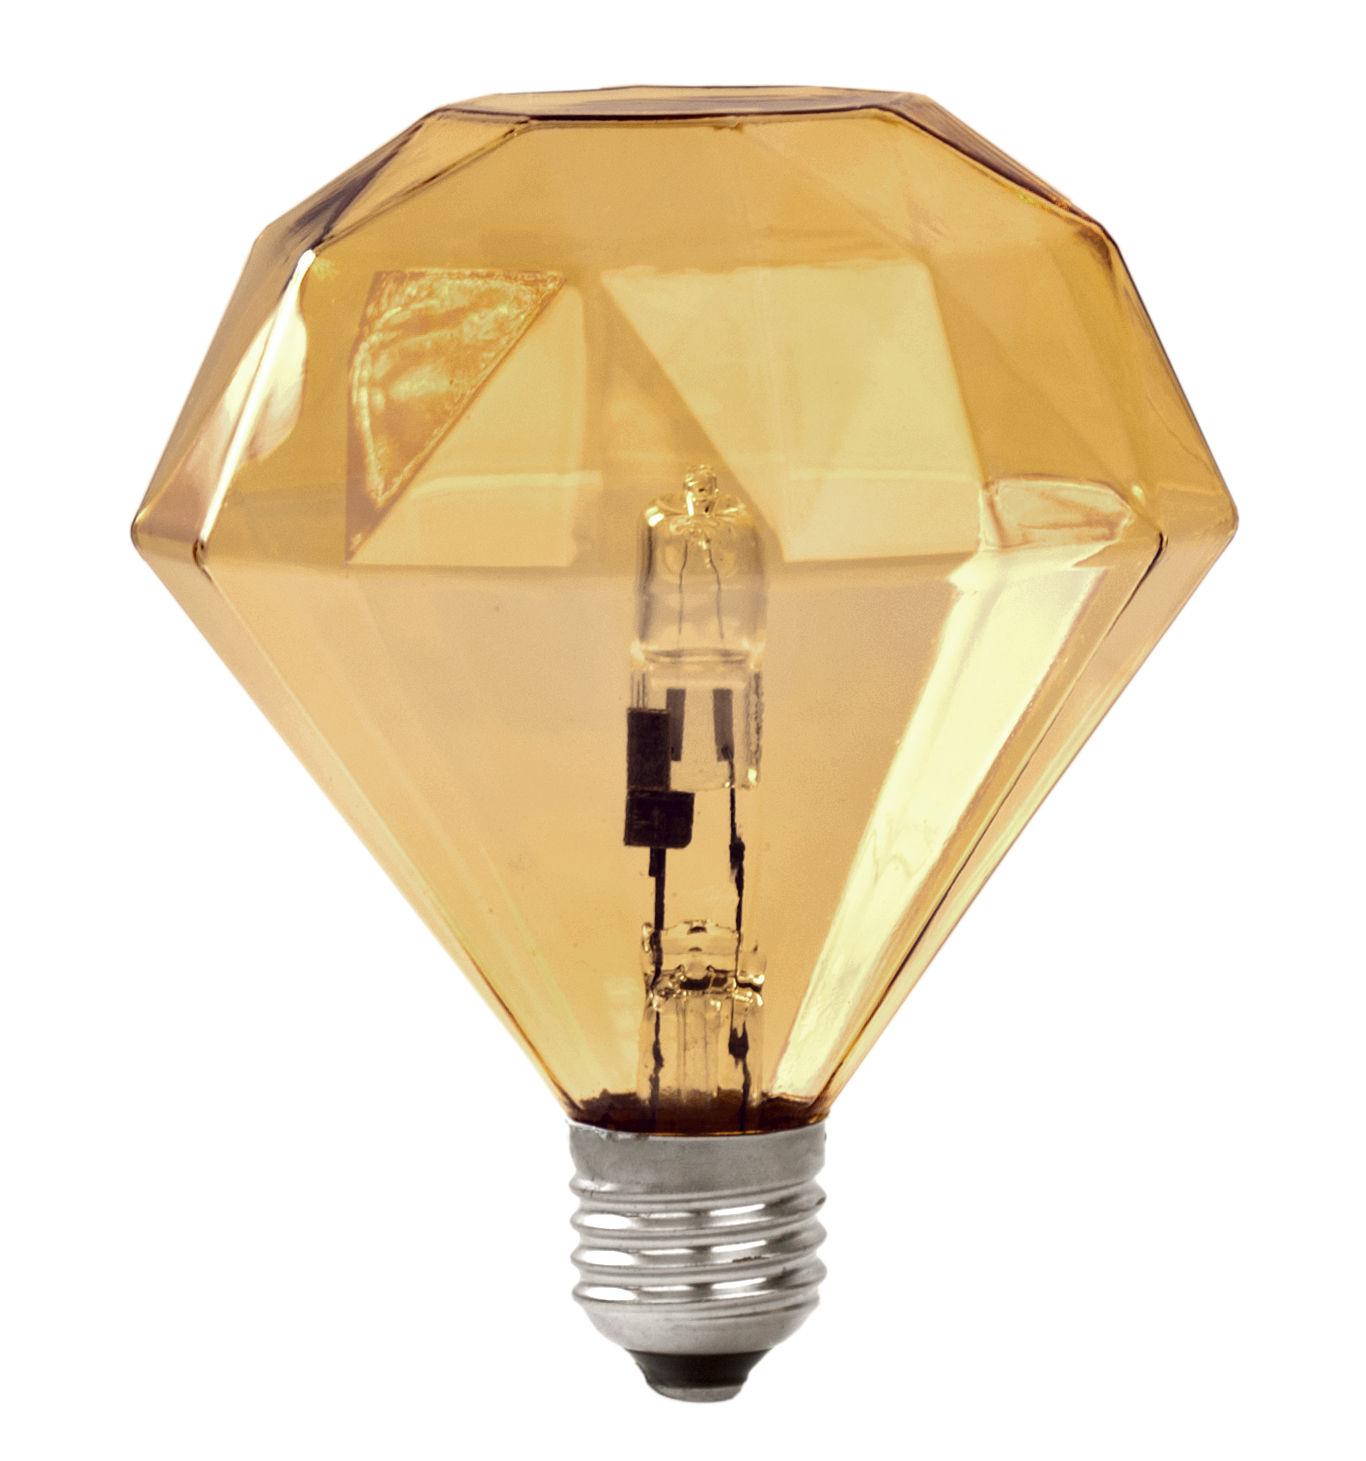 diamond light halogen gl hbirne e27 e27 halogenlampe bernsteinfarben by frama made in design. Black Bedroom Furniture Sets. Home Design Ideas